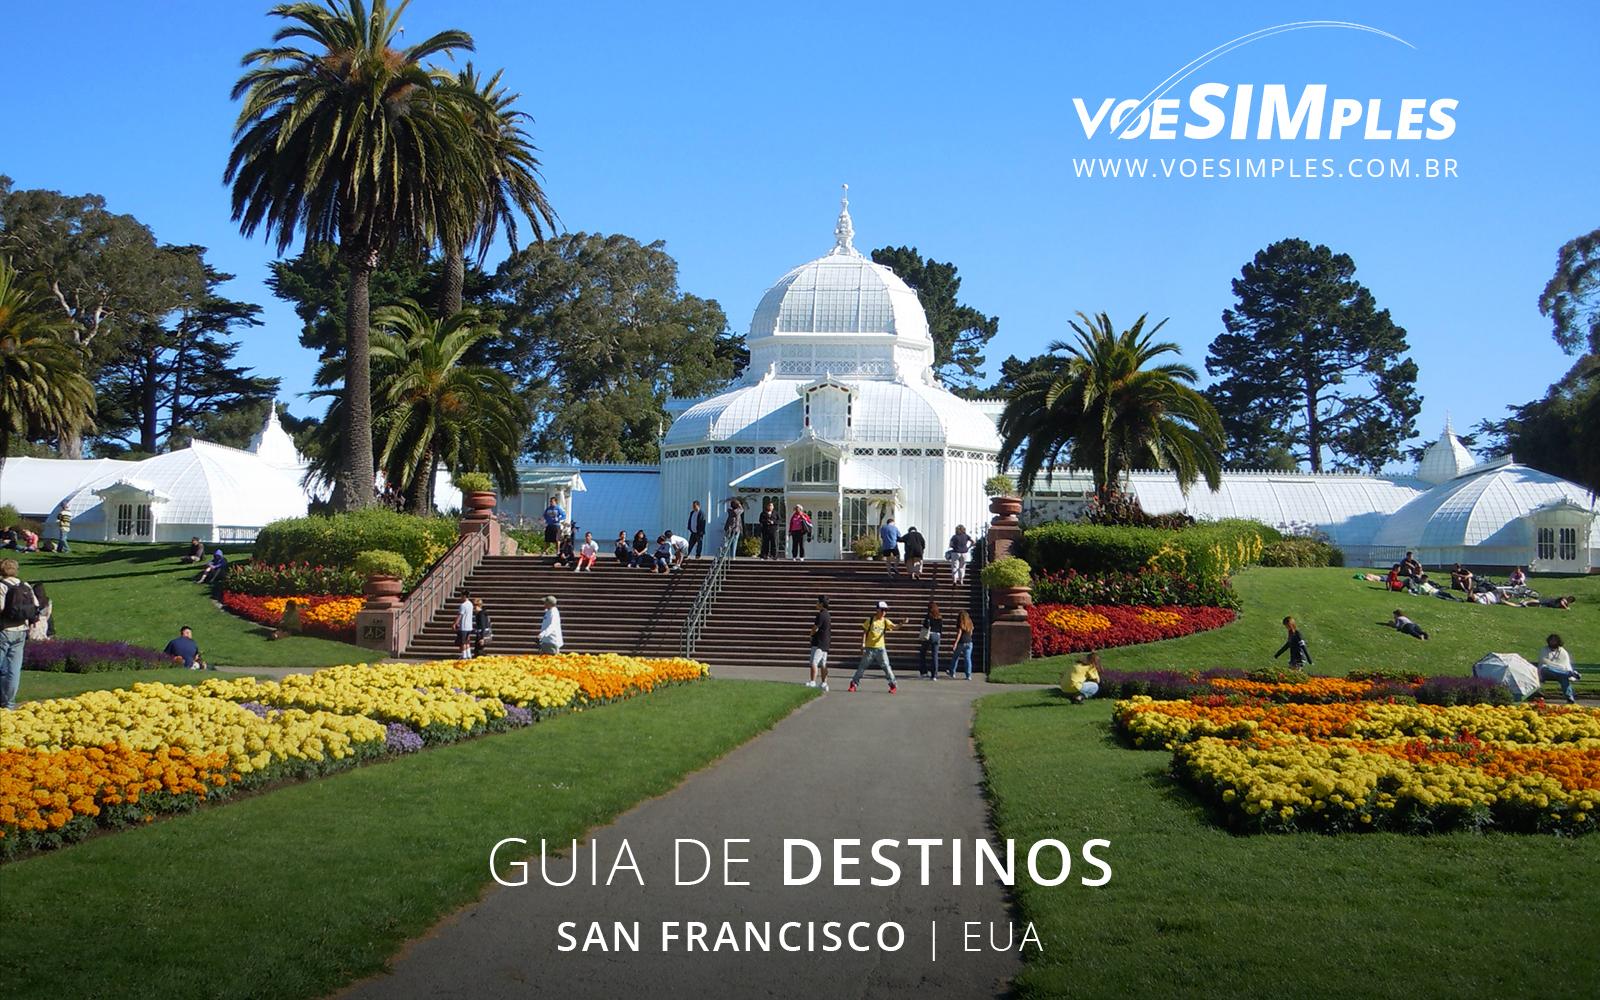 fotos-guia-destinos-voe-simples-san-francisco-eua-guia-viagens-voesimples-san-francisco-eua-pontos-turisticos-san-francisco-eua-fotos-san-francisco-02@2x